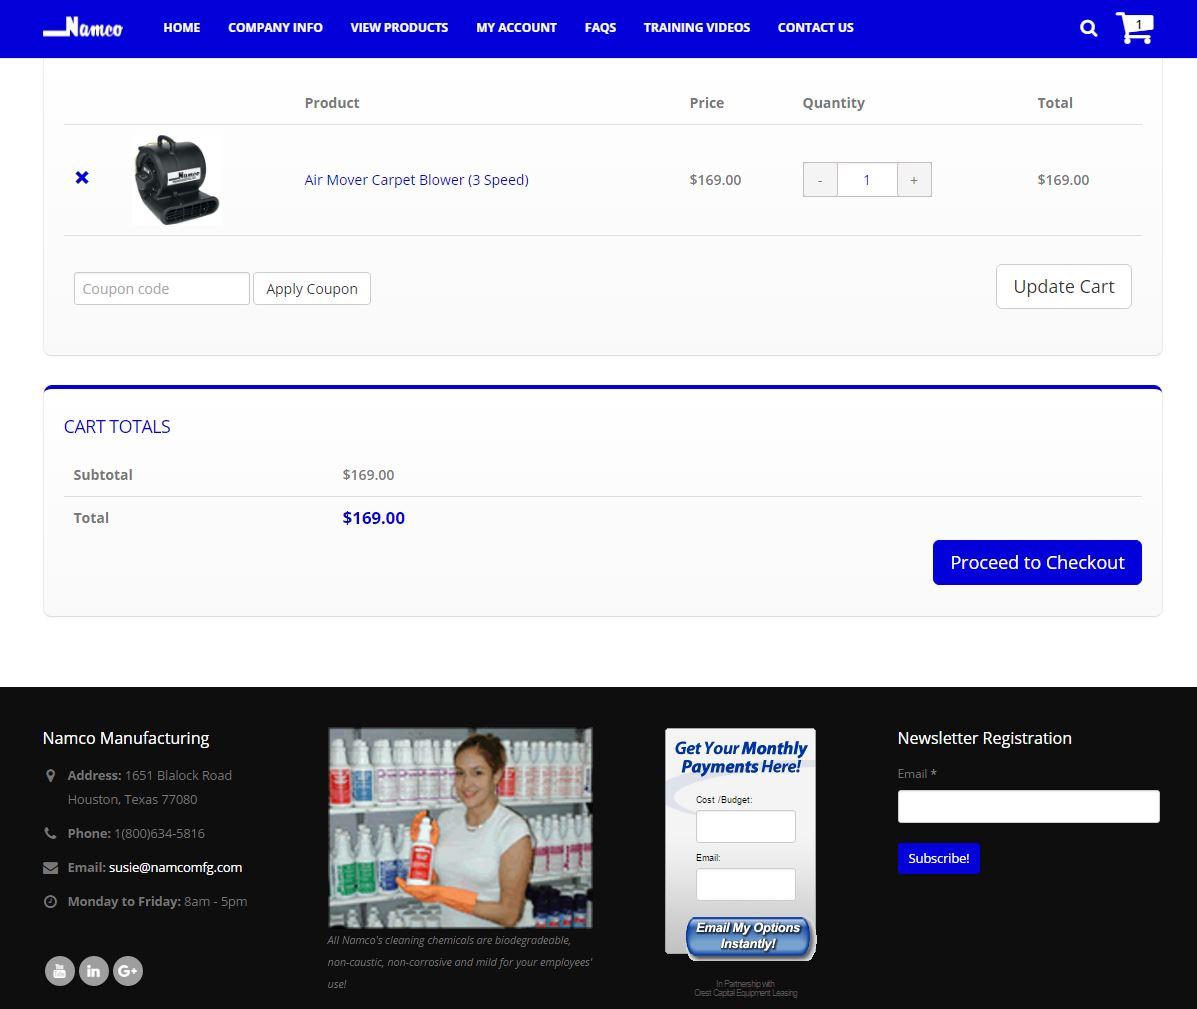 E-commerce Website Design nmfg3